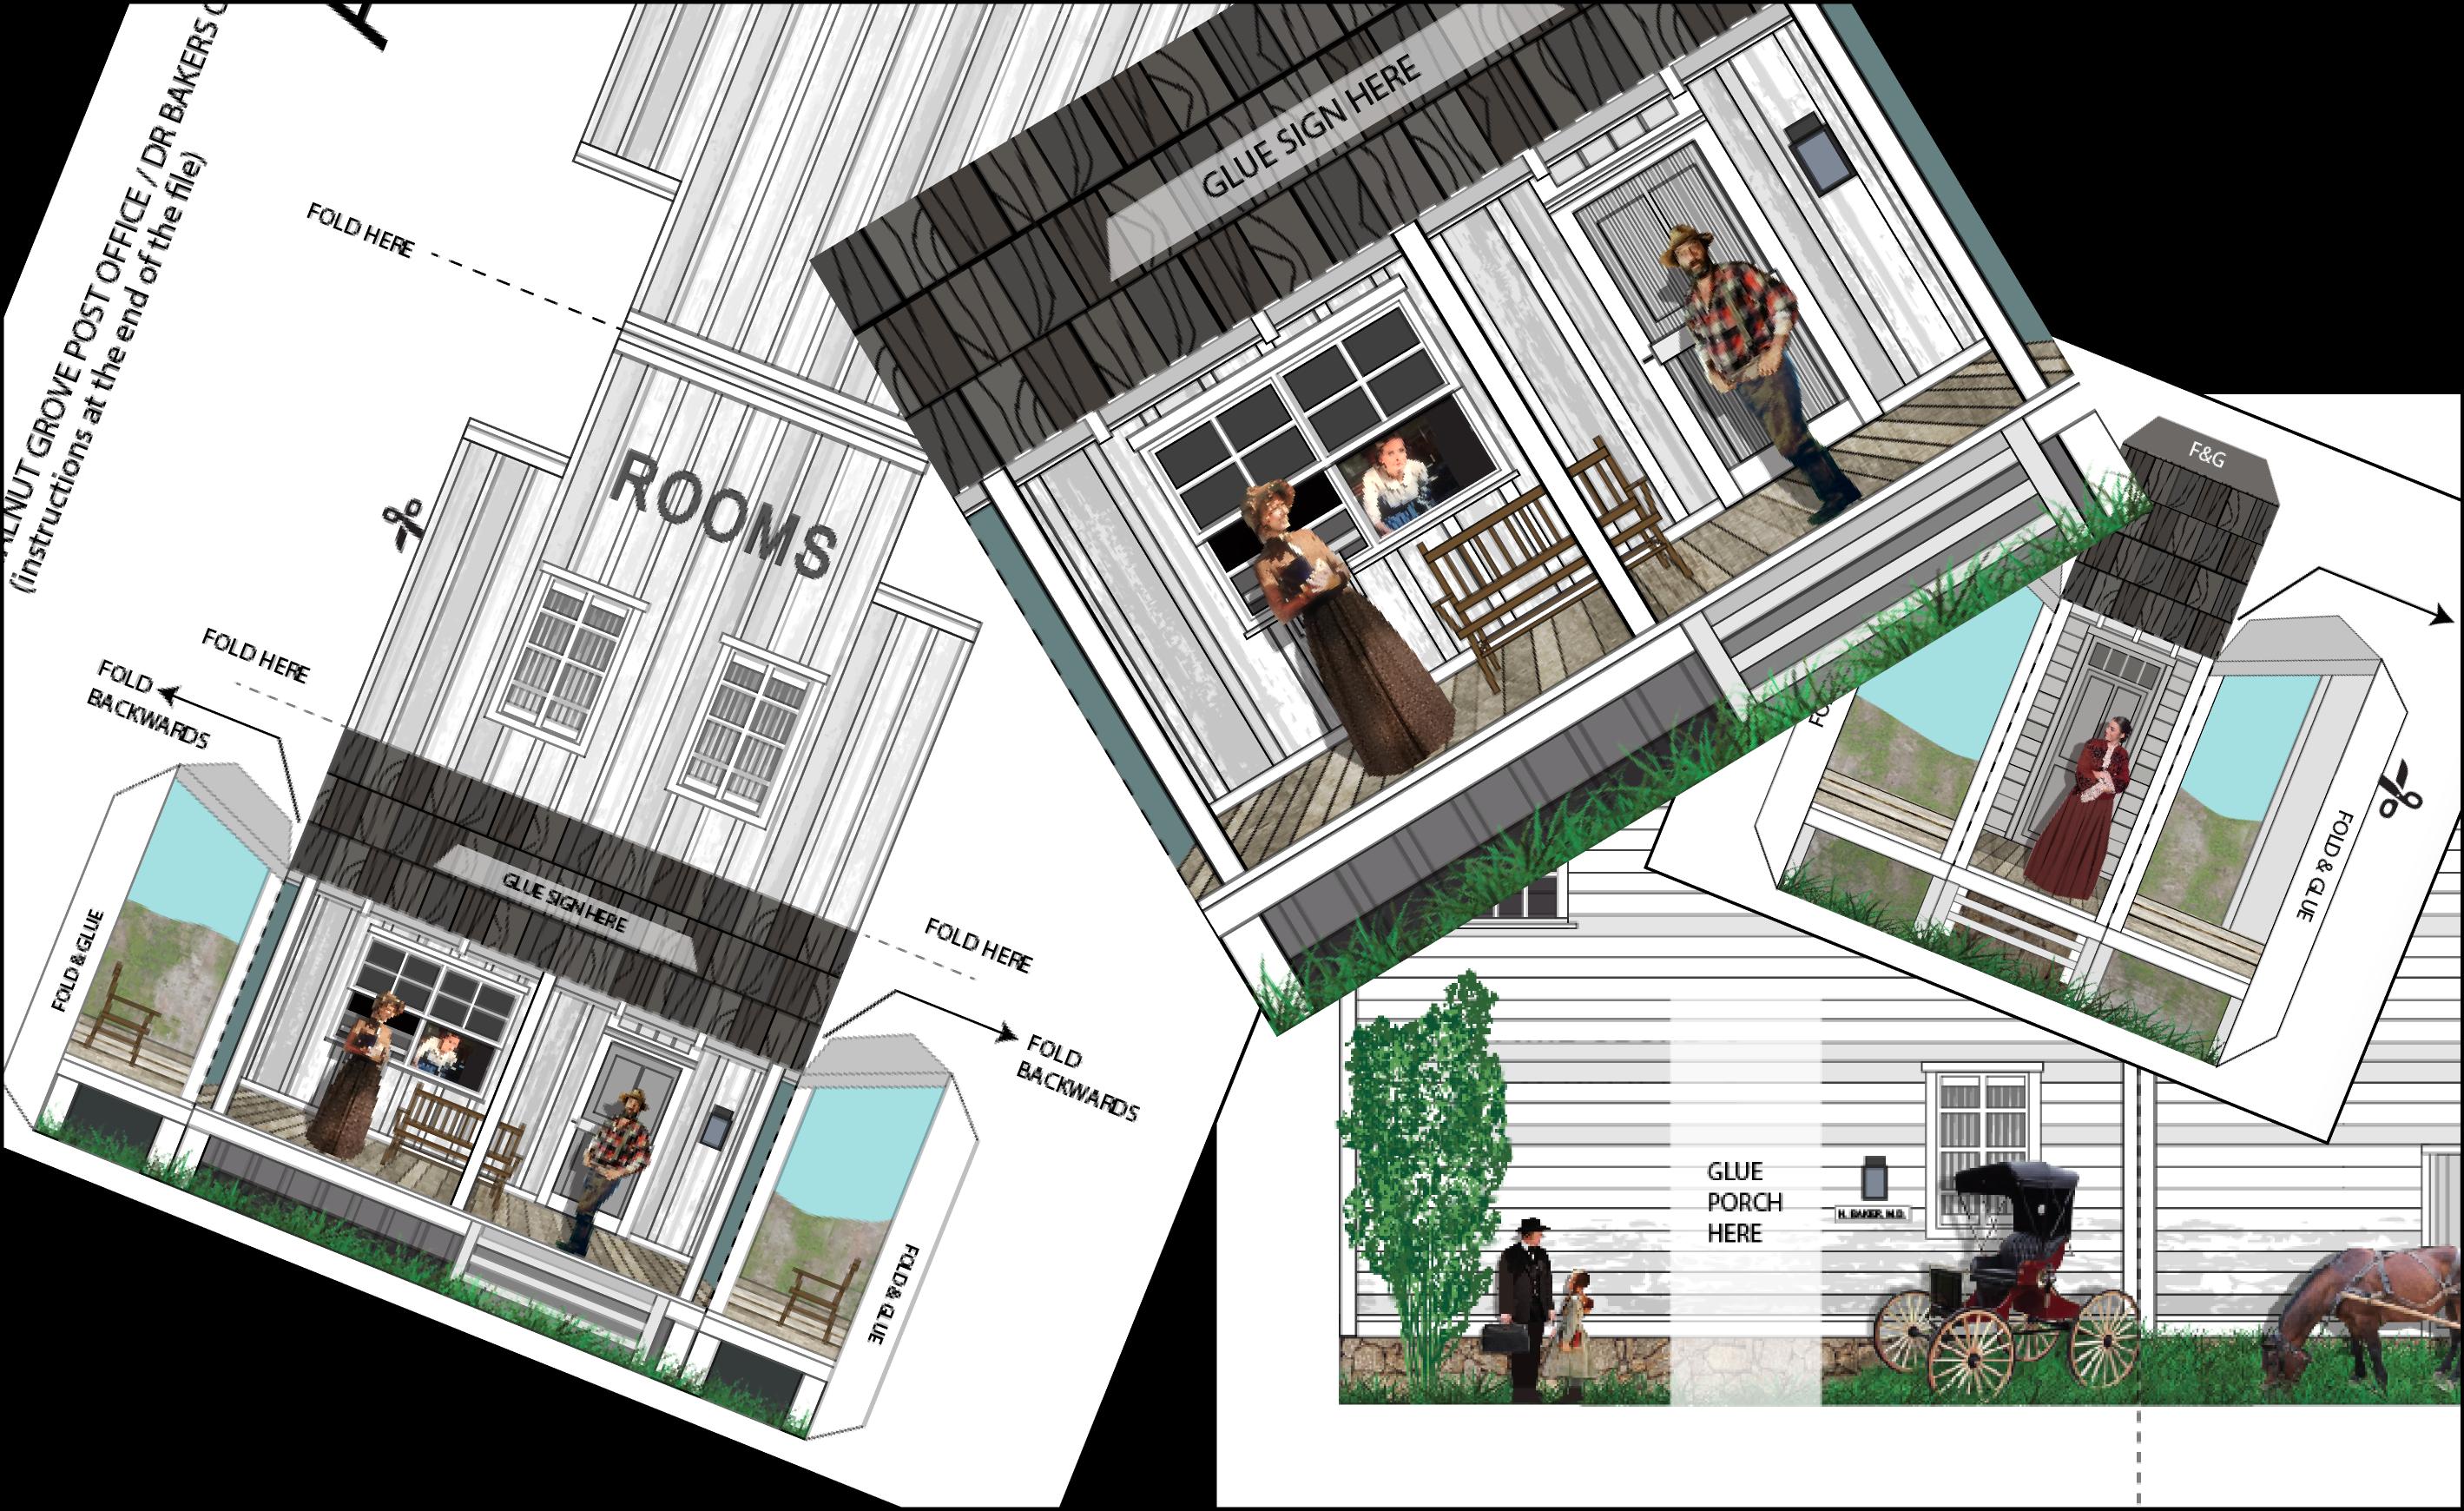 Walnut Grove Post Office Lhotp Miniature Paper Model Paper Models Free Paper Models Little House